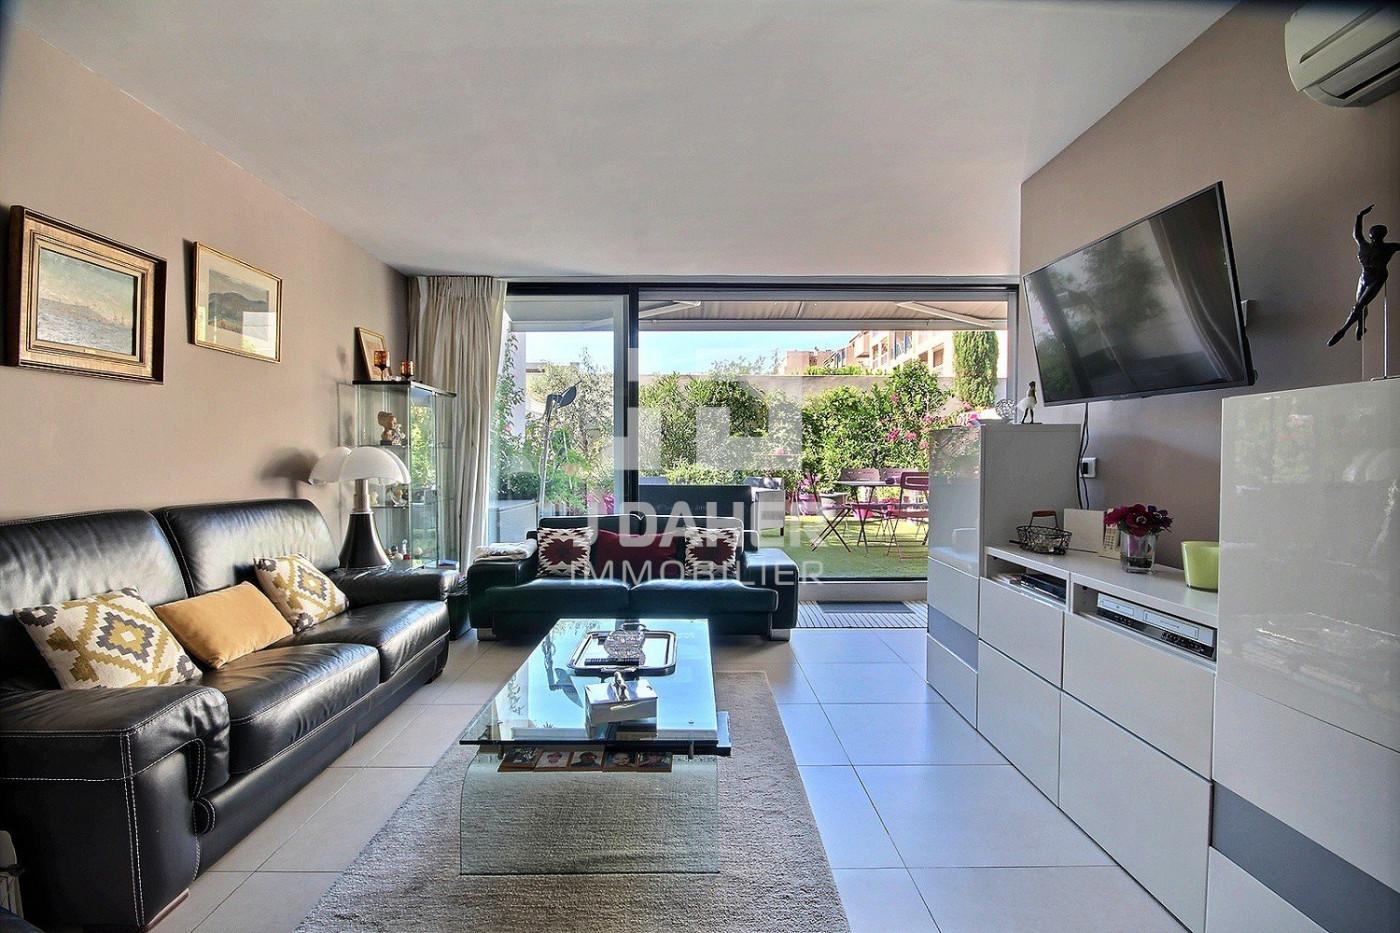 A vendre Marseille 8eme Arrondissement 13025863 J daher immobilier